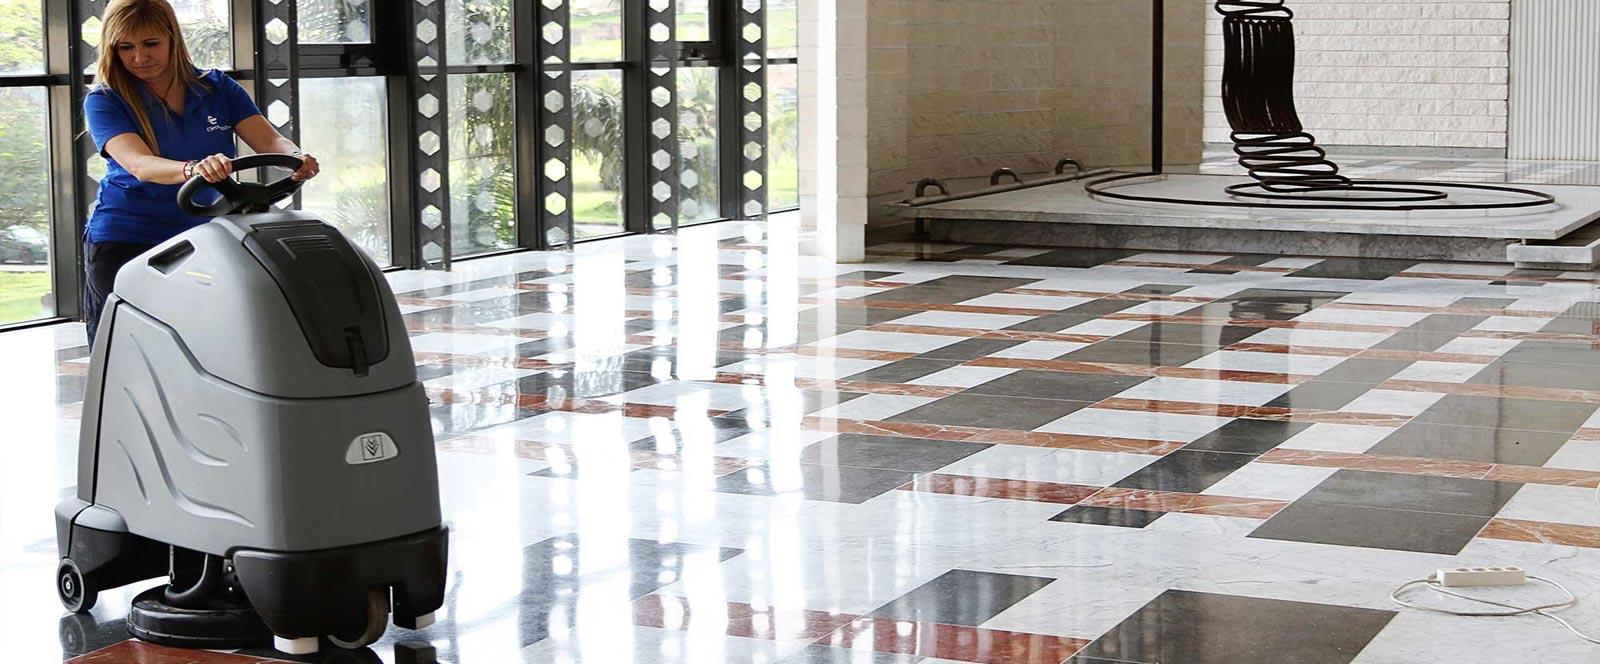 Trabajo por horas madrid limpieza gallery of finest - Limpieza casas madrid ...